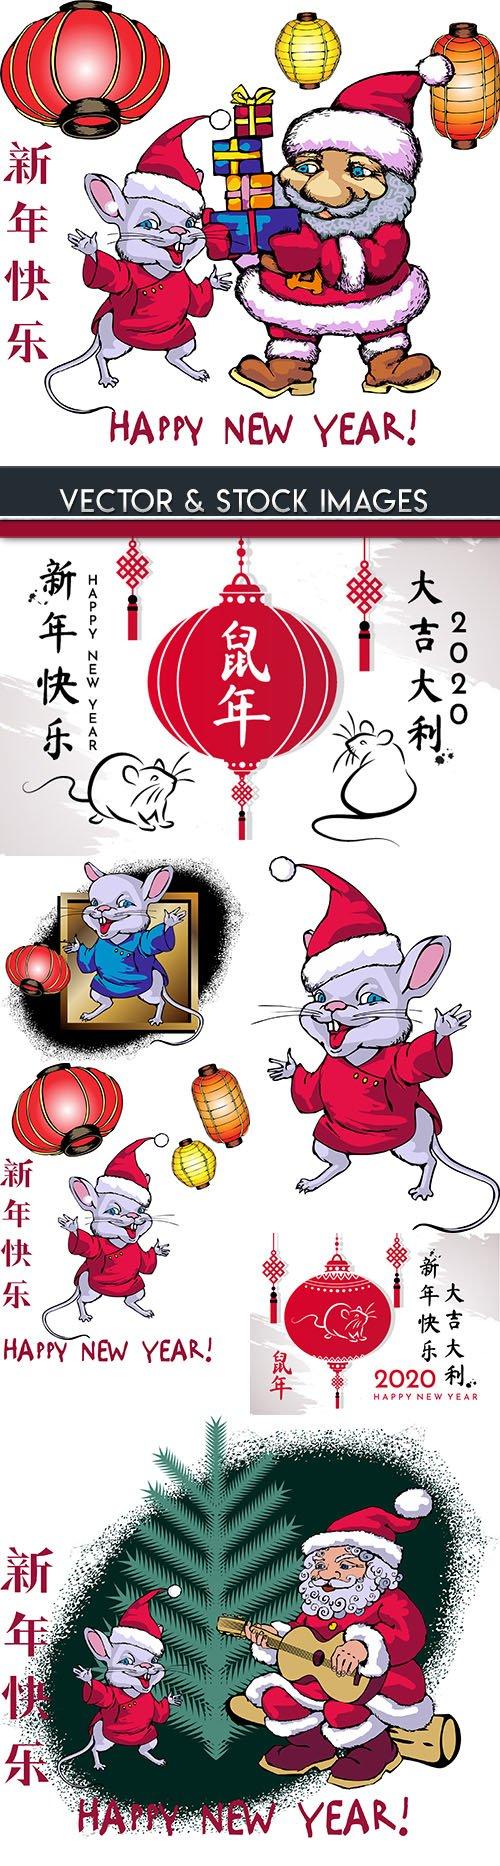 Christmas Rat and funny Santa symbol New Year